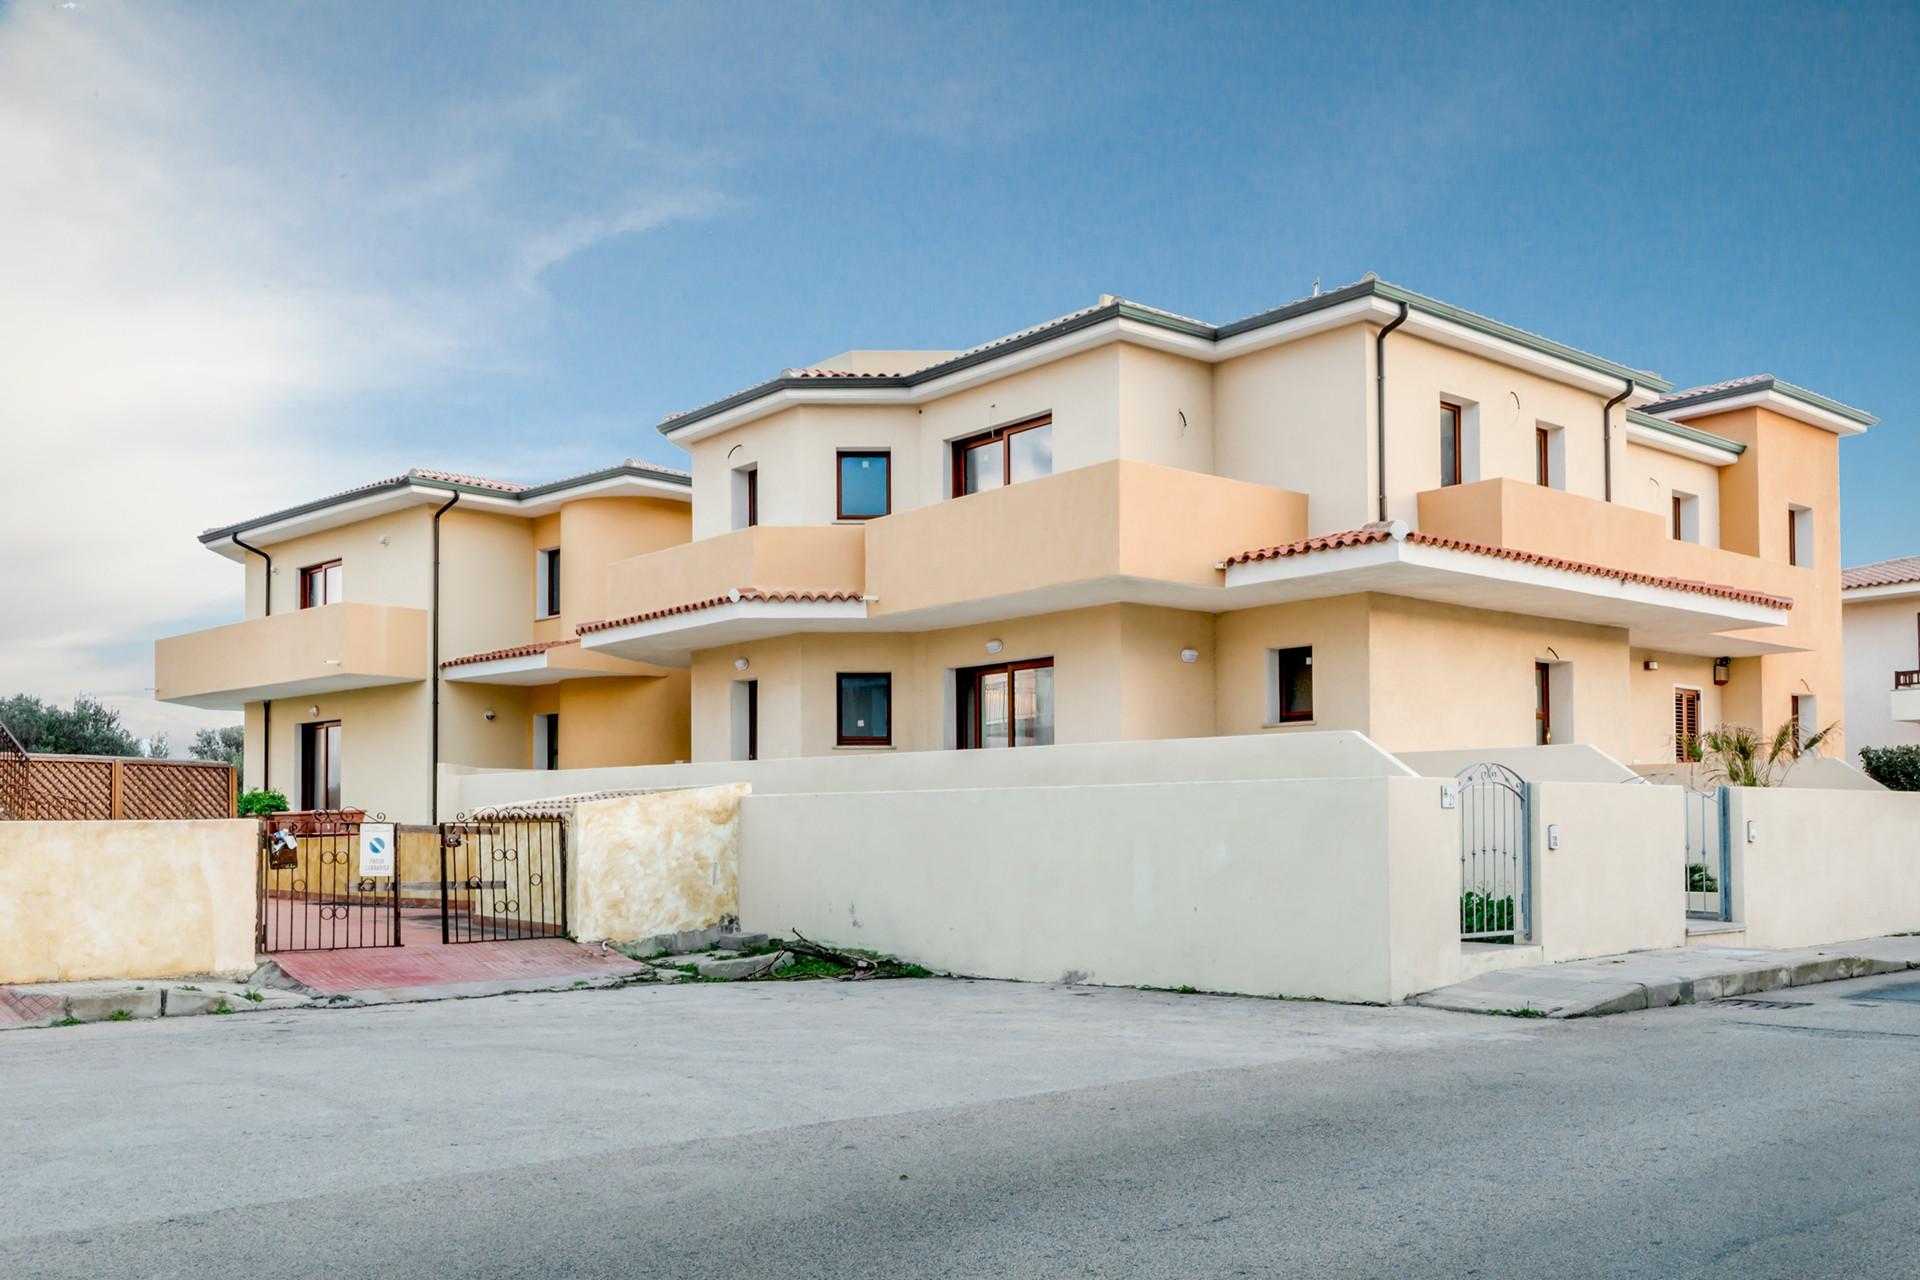 santa-teresa-trilocale-vendita-immobiliare-murphy-esterno